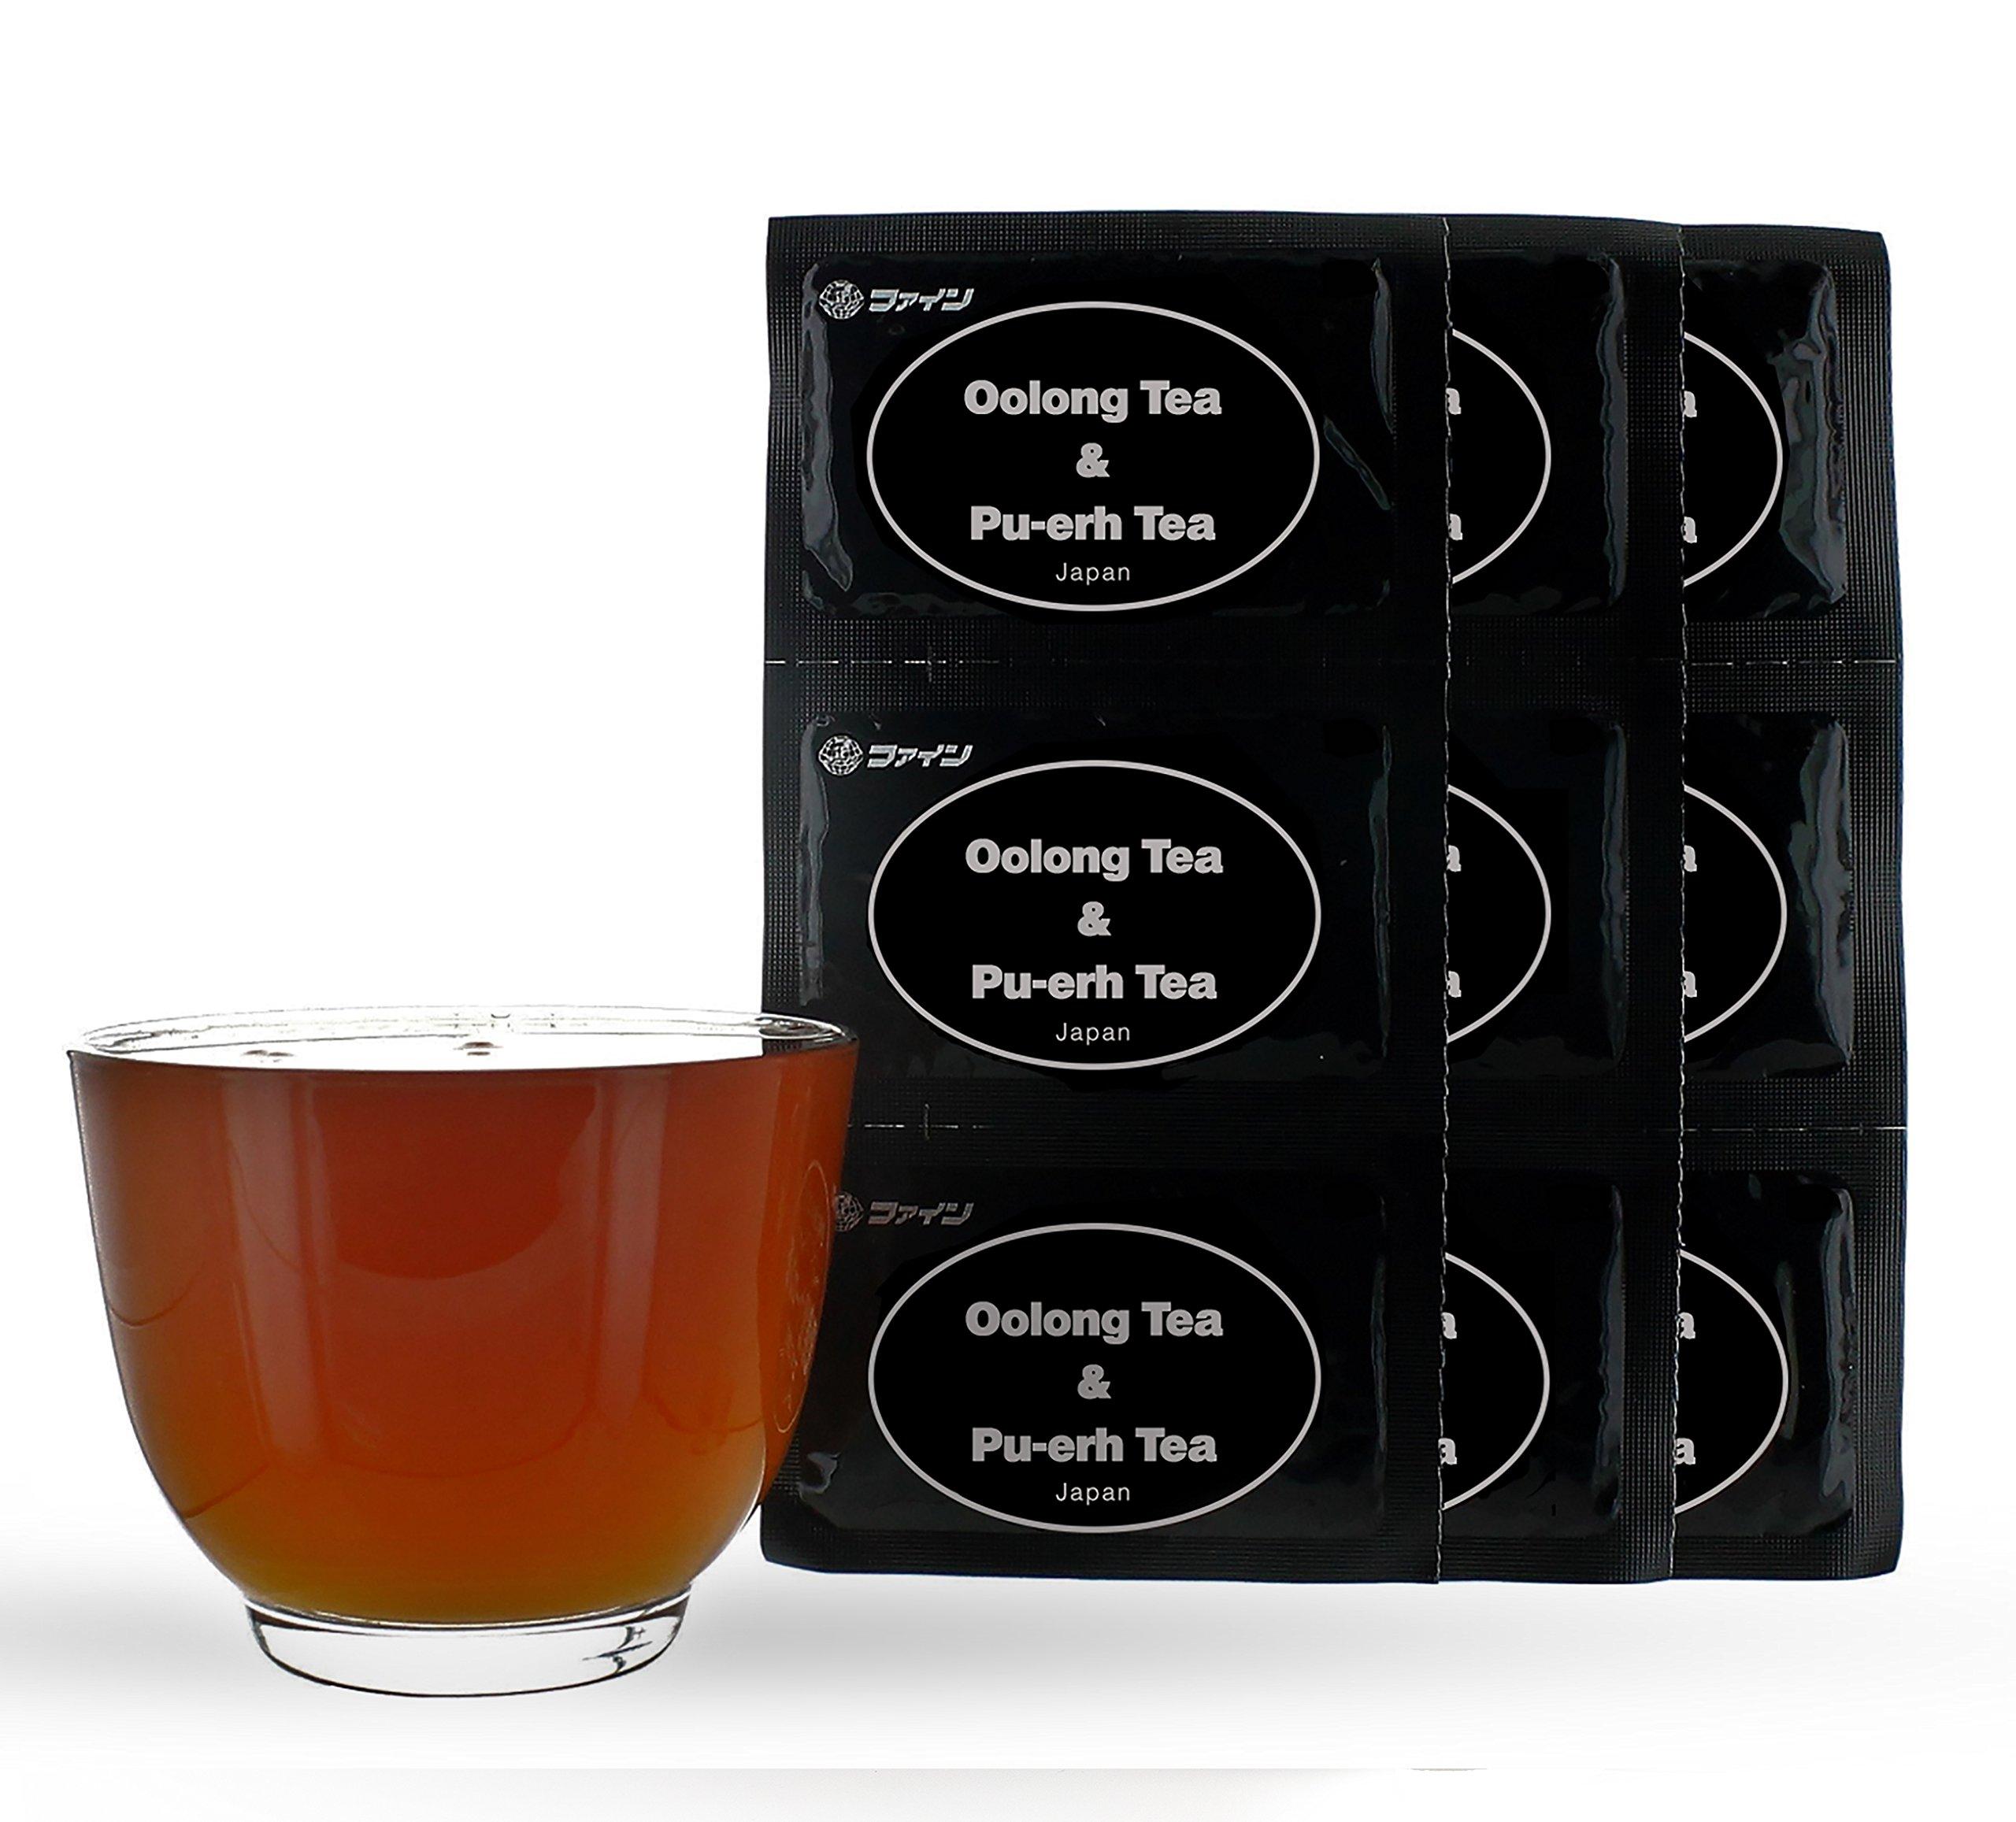 81bEBAaURzL - Oolong Tea Pu erh Tea Slimming Tea 100 Cups | Vegan Weight Loss Diet Anti-oxidant | Carb Blocker Enzyme Lipase Polyphenol | Vegan Fat Burner Easy Digest Diet Food Tea Diet no Diet Tablets